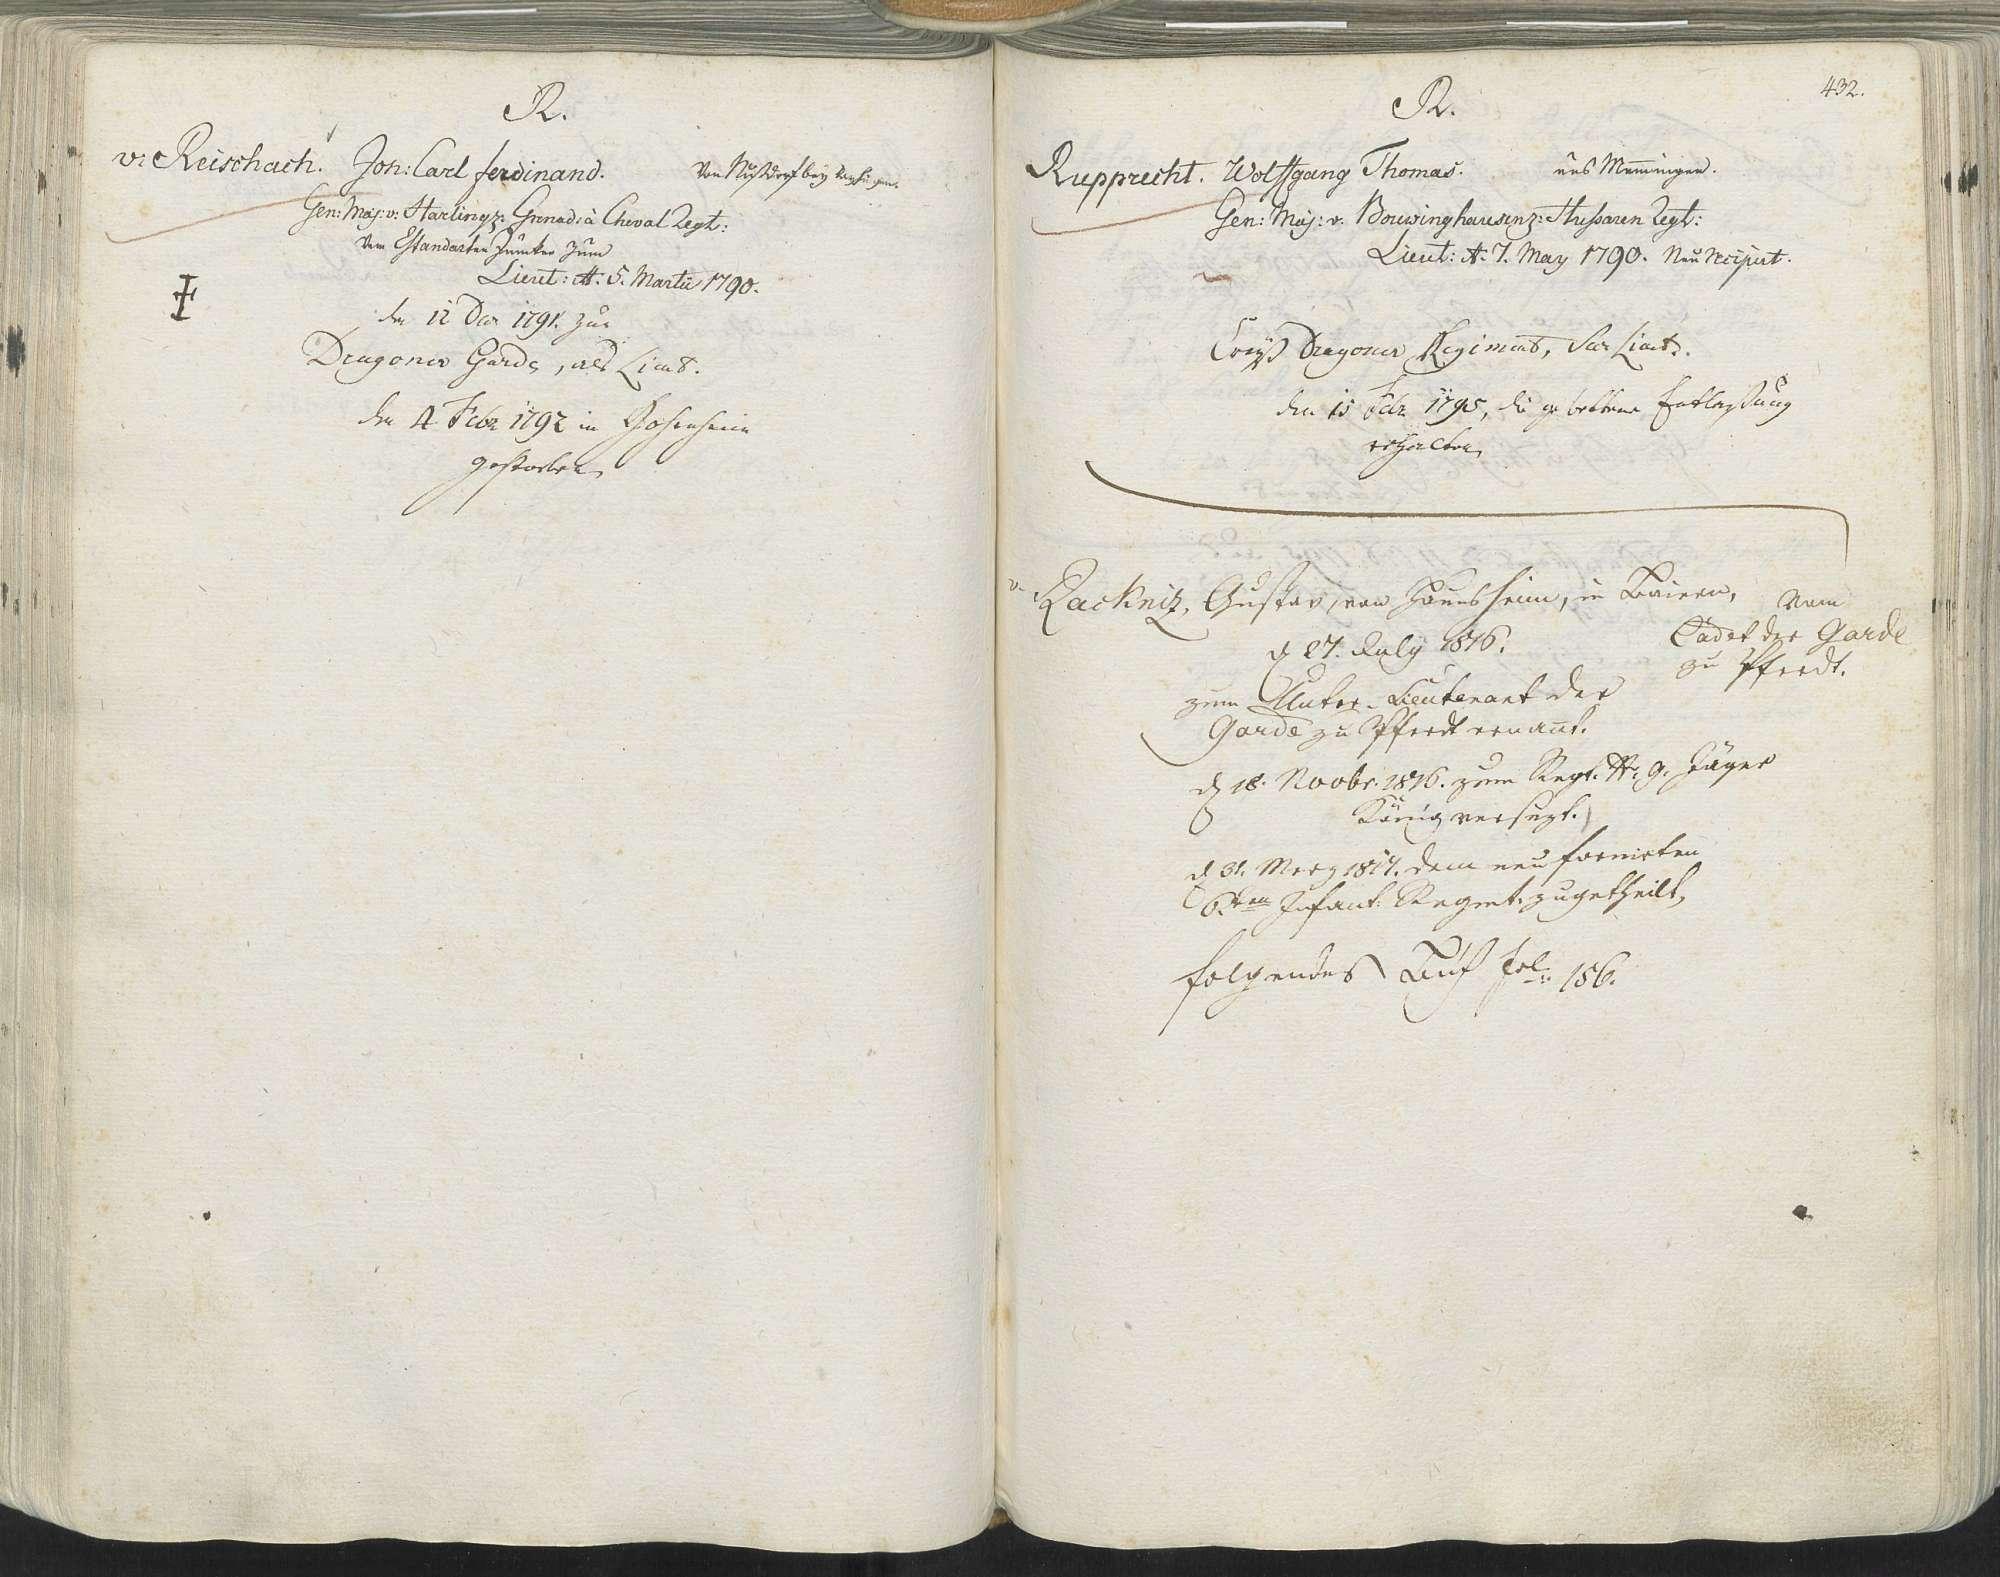 Reischach, Johann Carl Ferdinand von, Bild 1